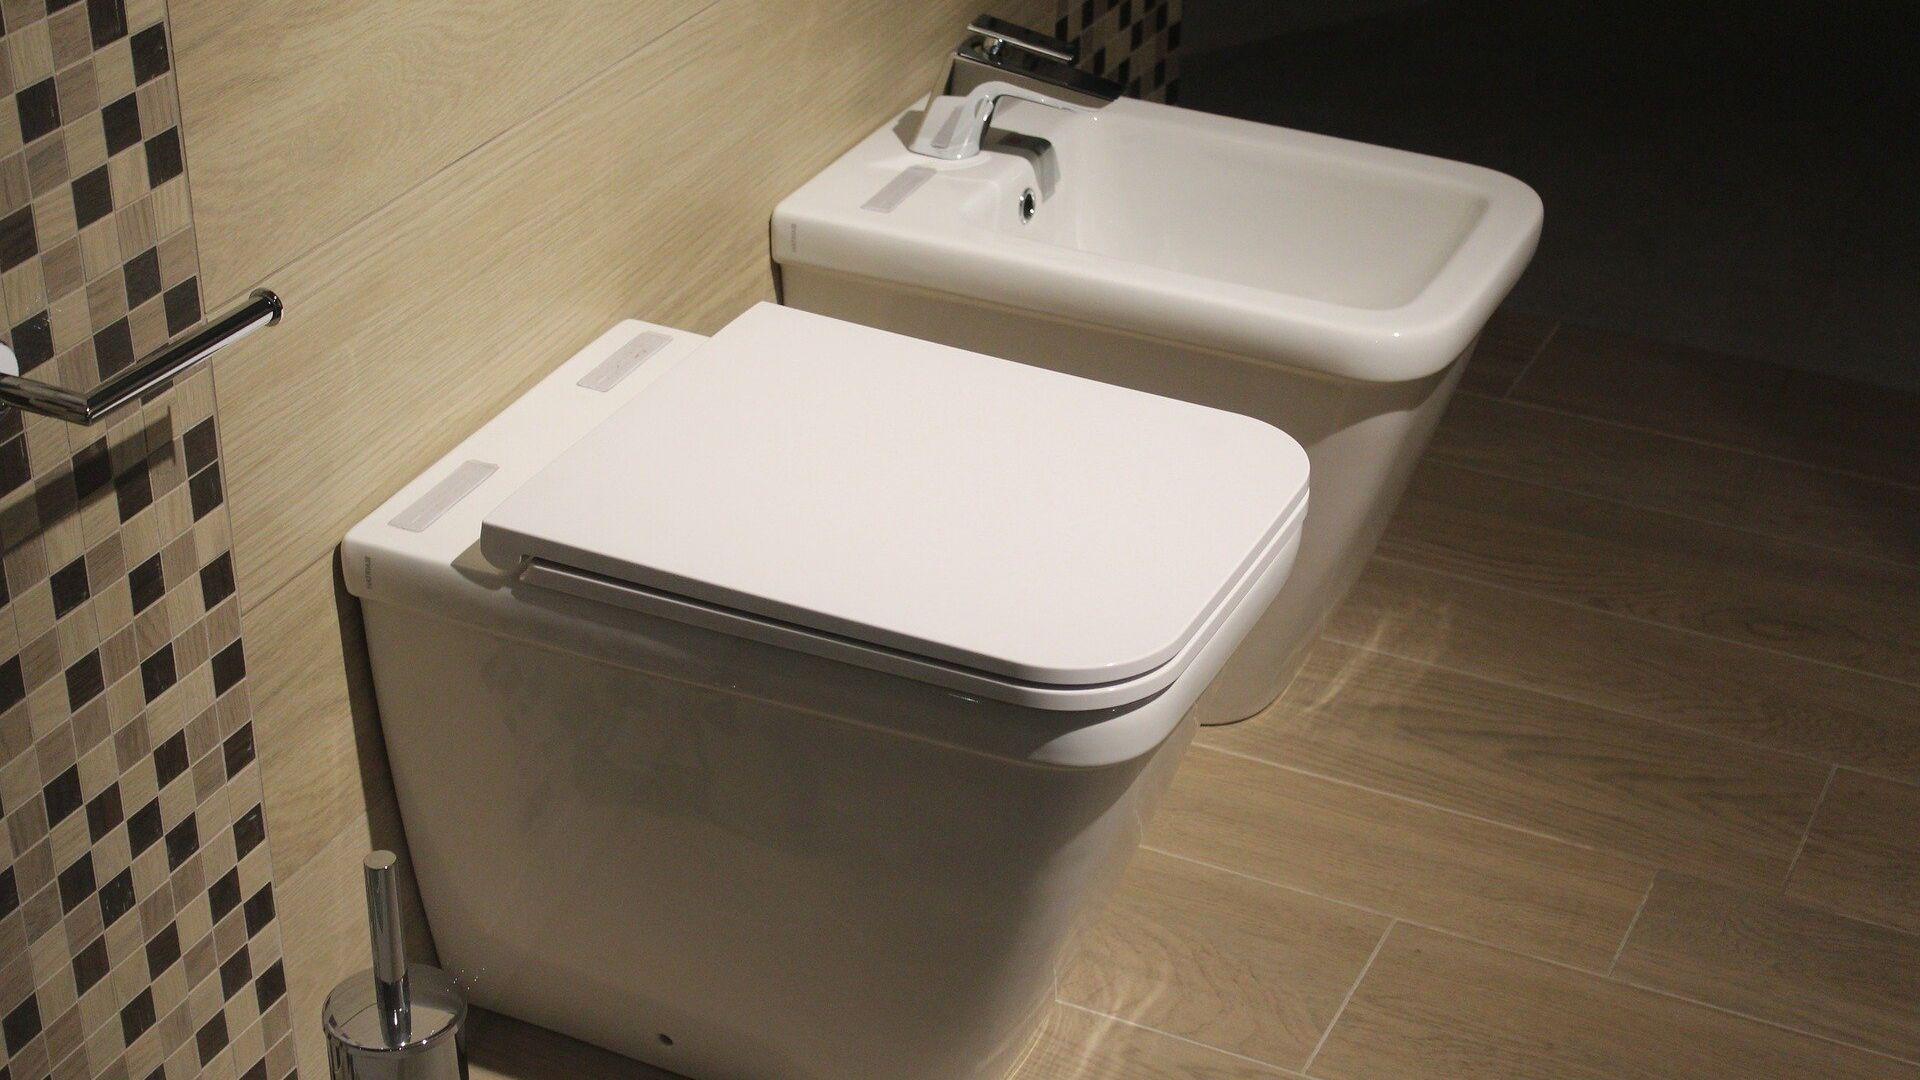 Συγχρονη τουαλέτα σπιτιού - Sputnik Ελλάδα, 1920, 11.10.2021